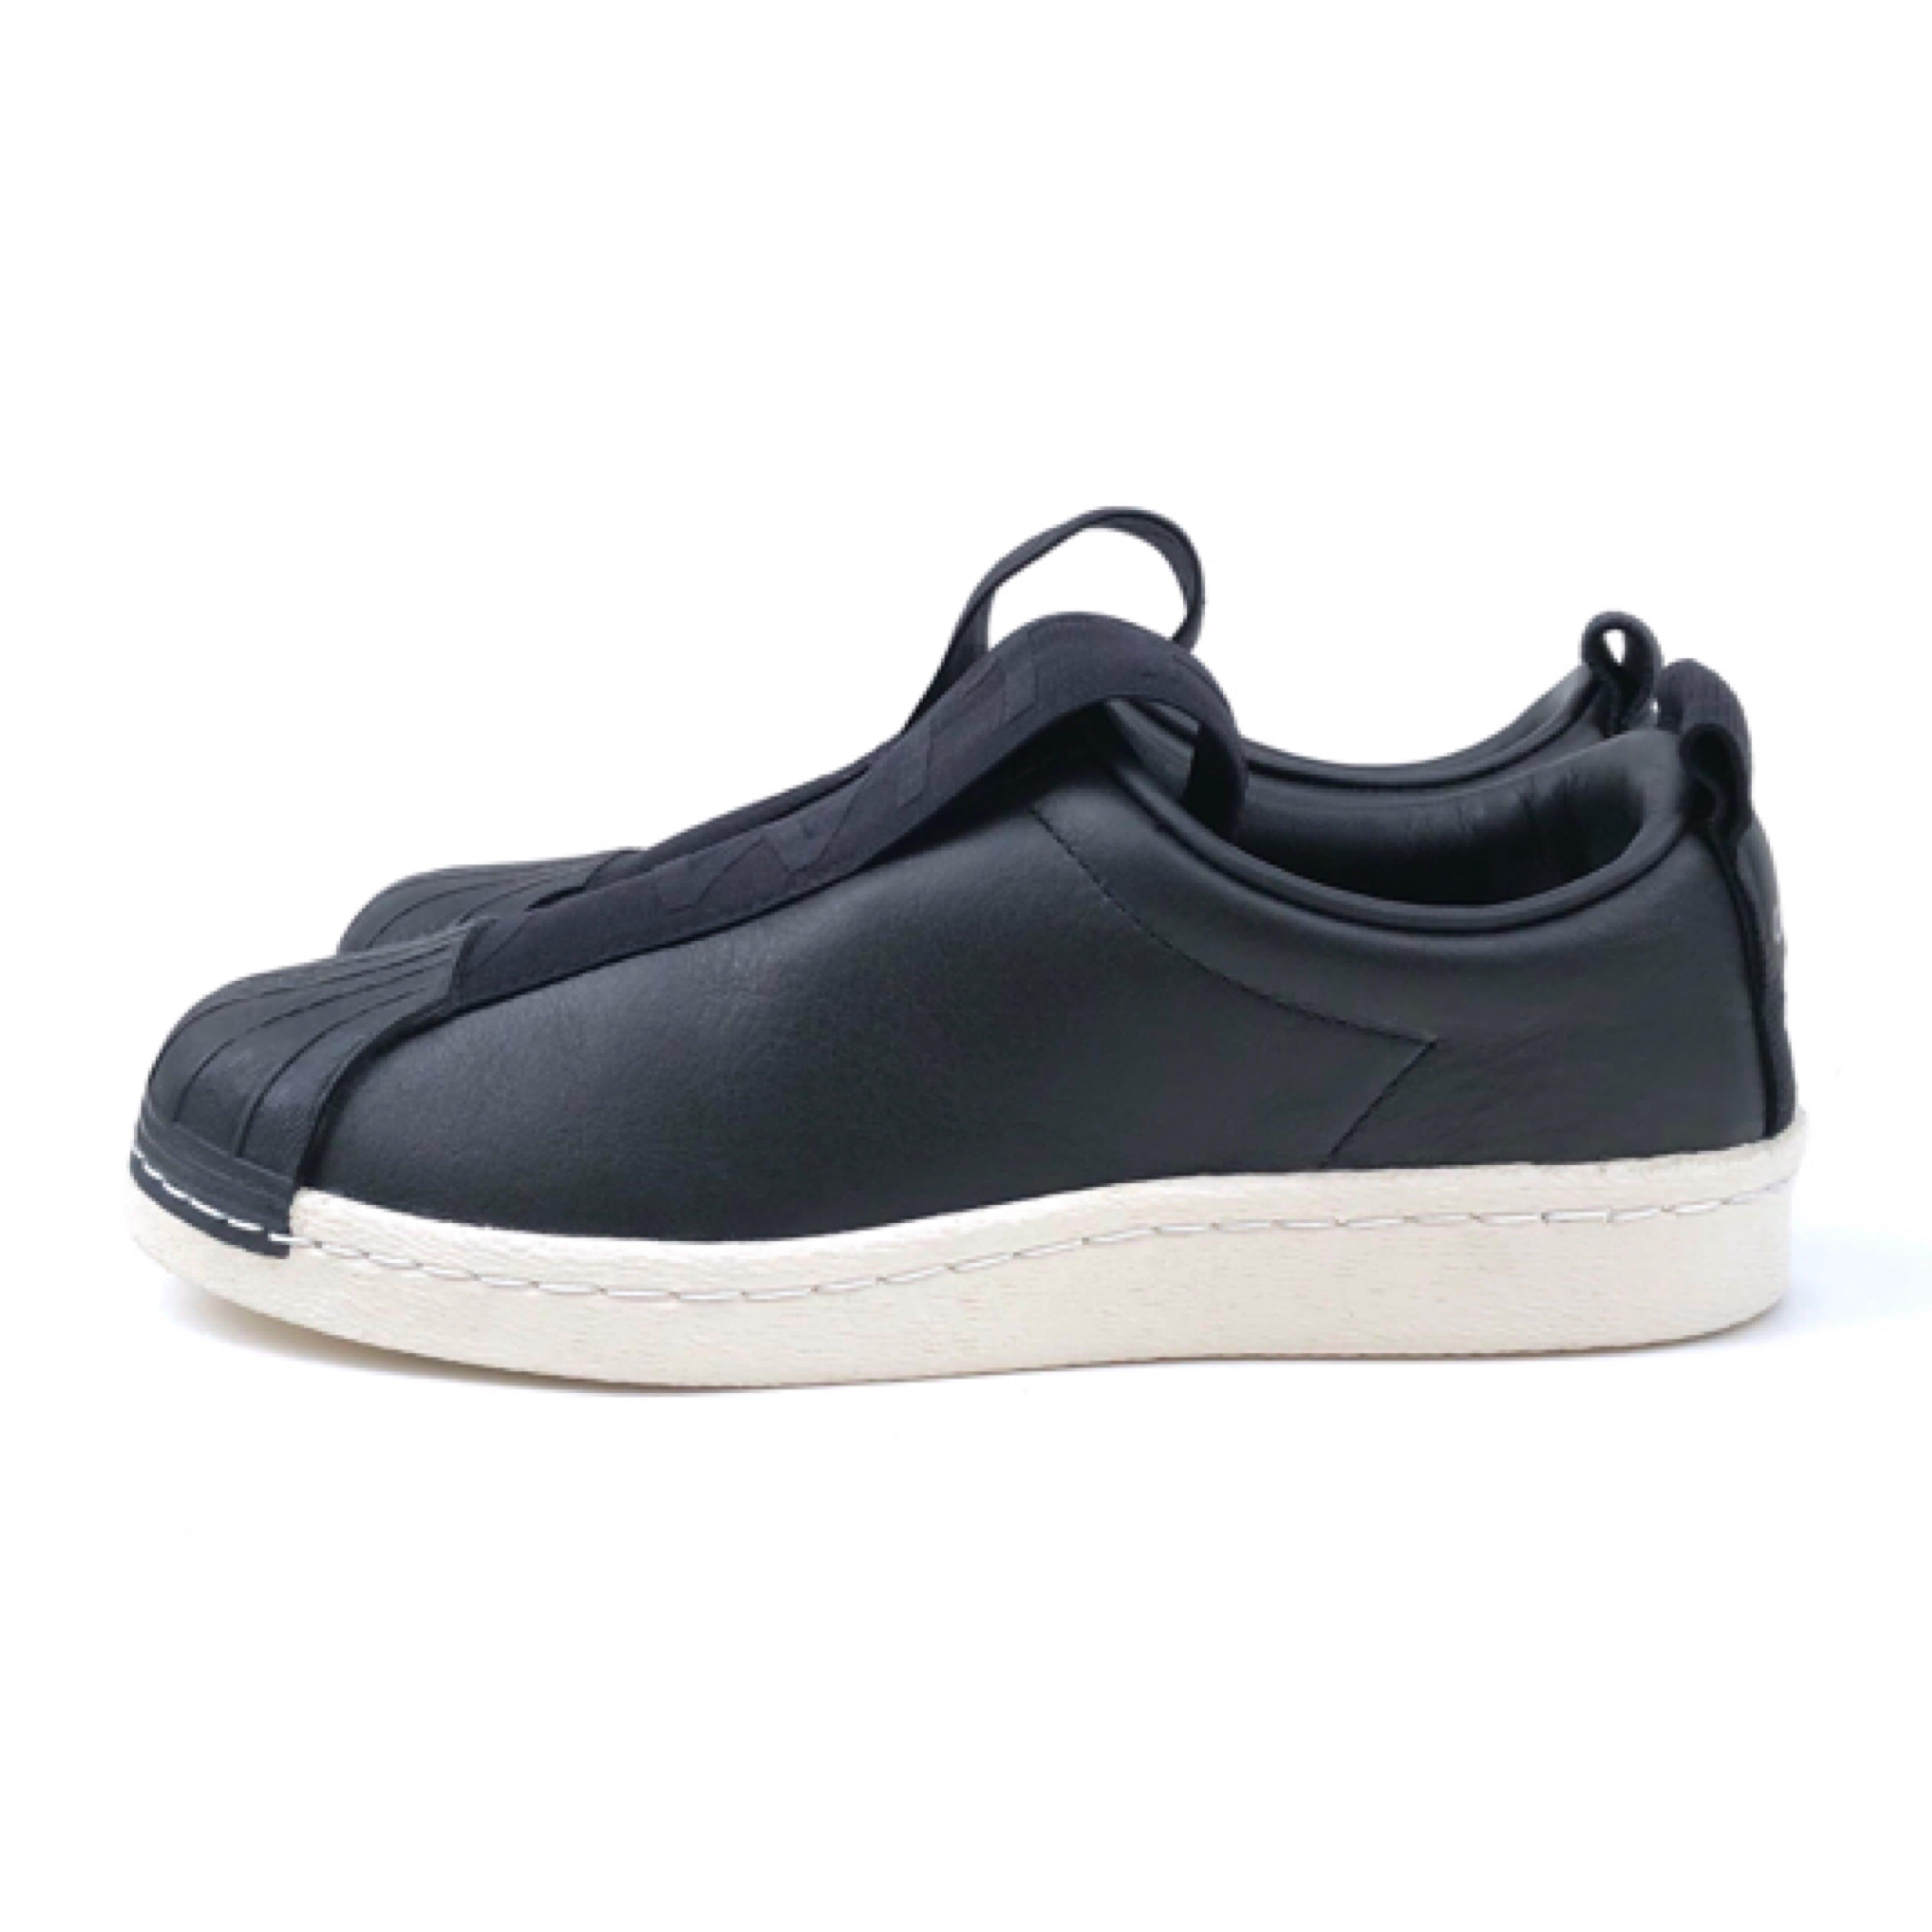 adidas/Slip On/BLACK